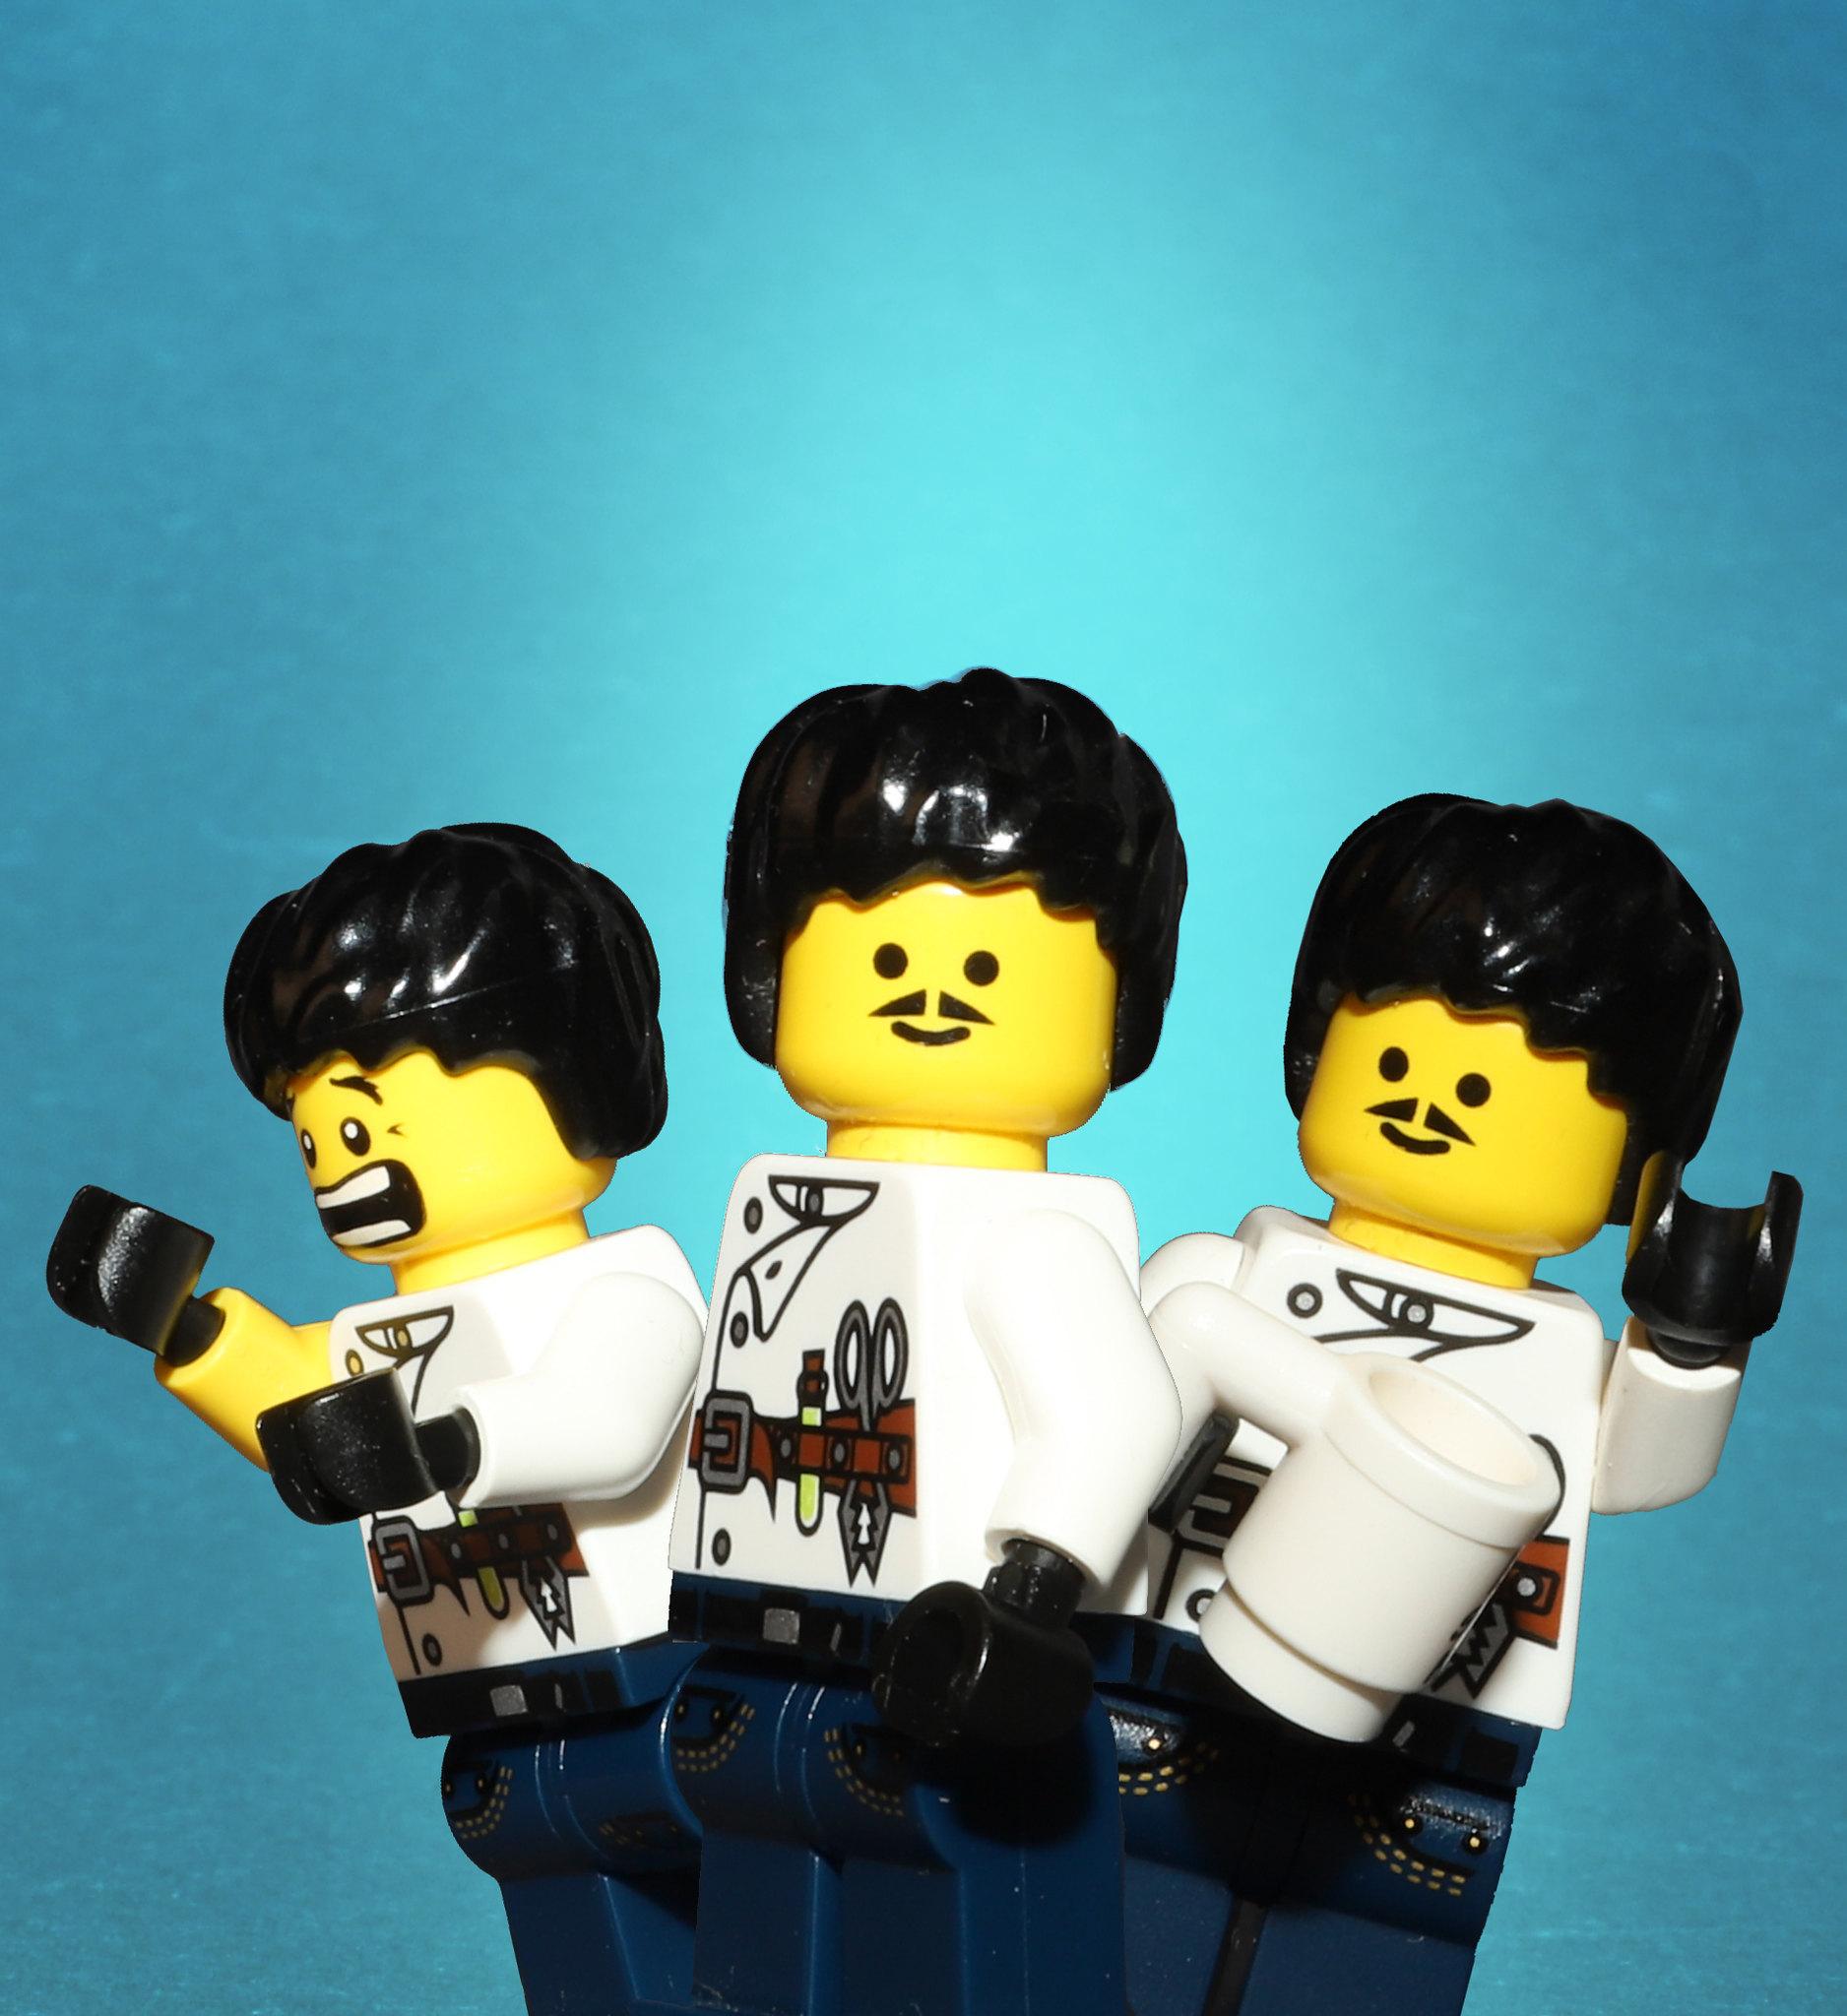 [Photographie + LEGO] Quand le VDF croise l'univers des LEGO 45308681605_543c9147ab_k